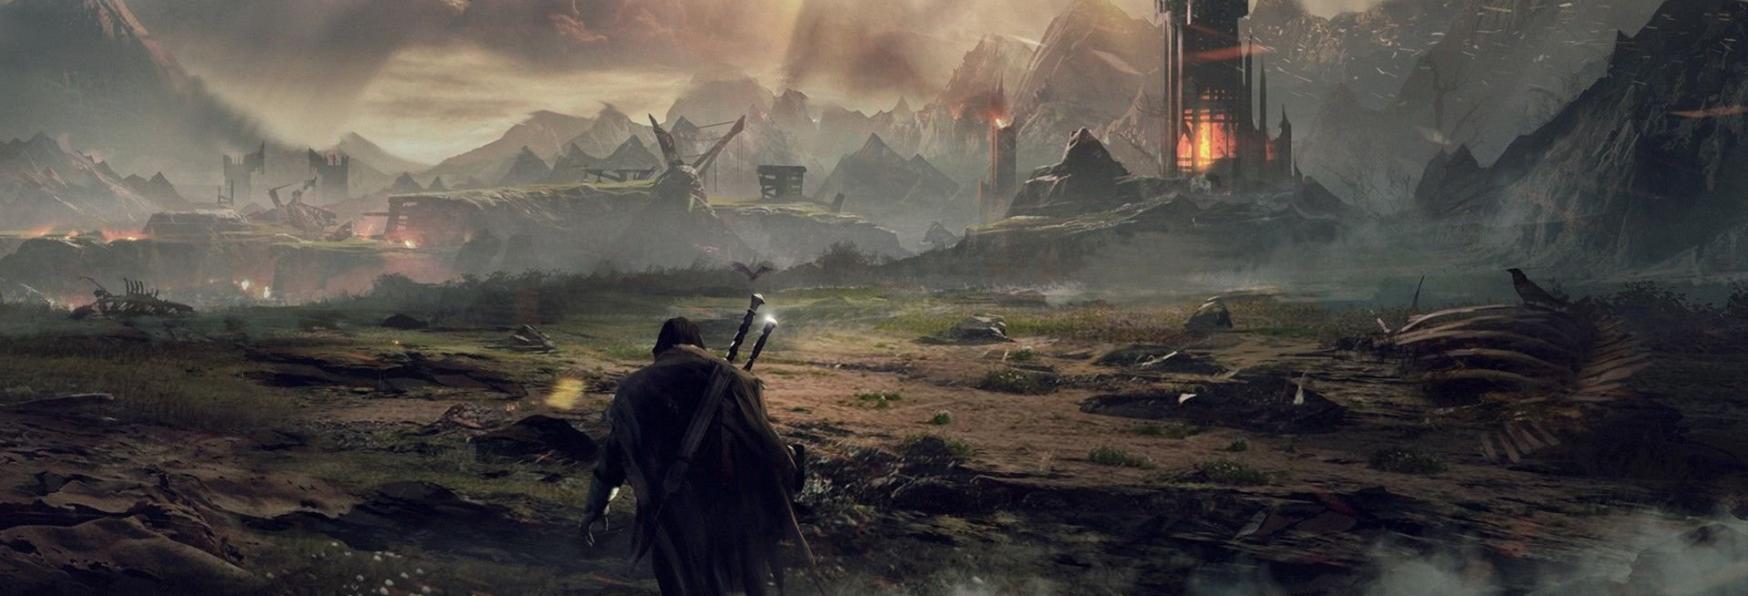 Il Signore degli Anelli: la Produzione della Serie TV Amazon è in Pausa per il Coronavirus